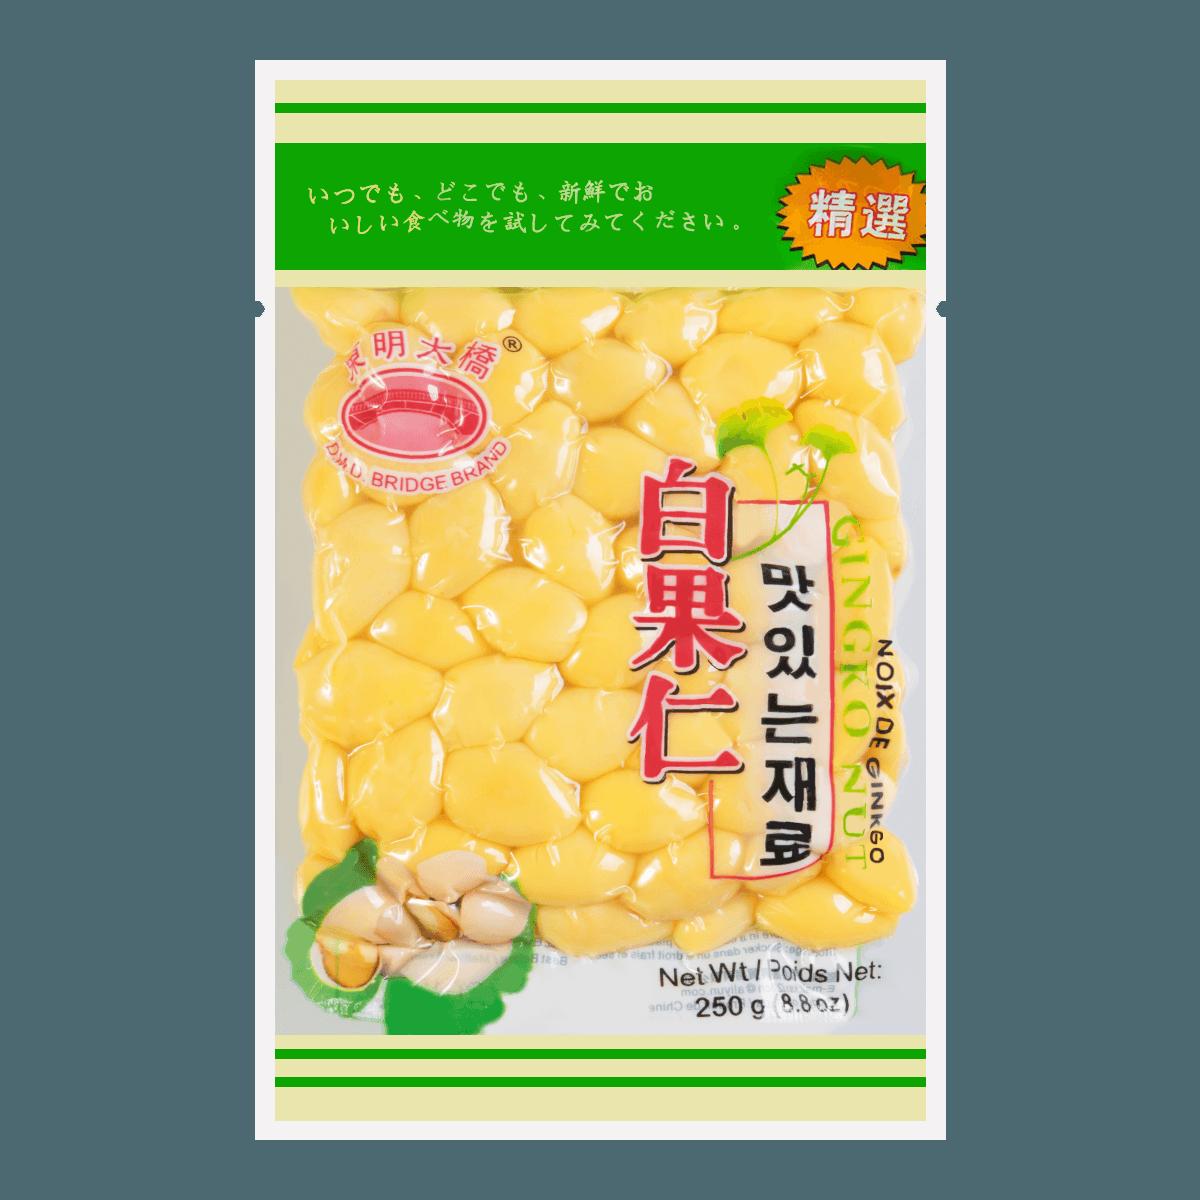 香港DANDY 东明大桥 精选白果仁 250g